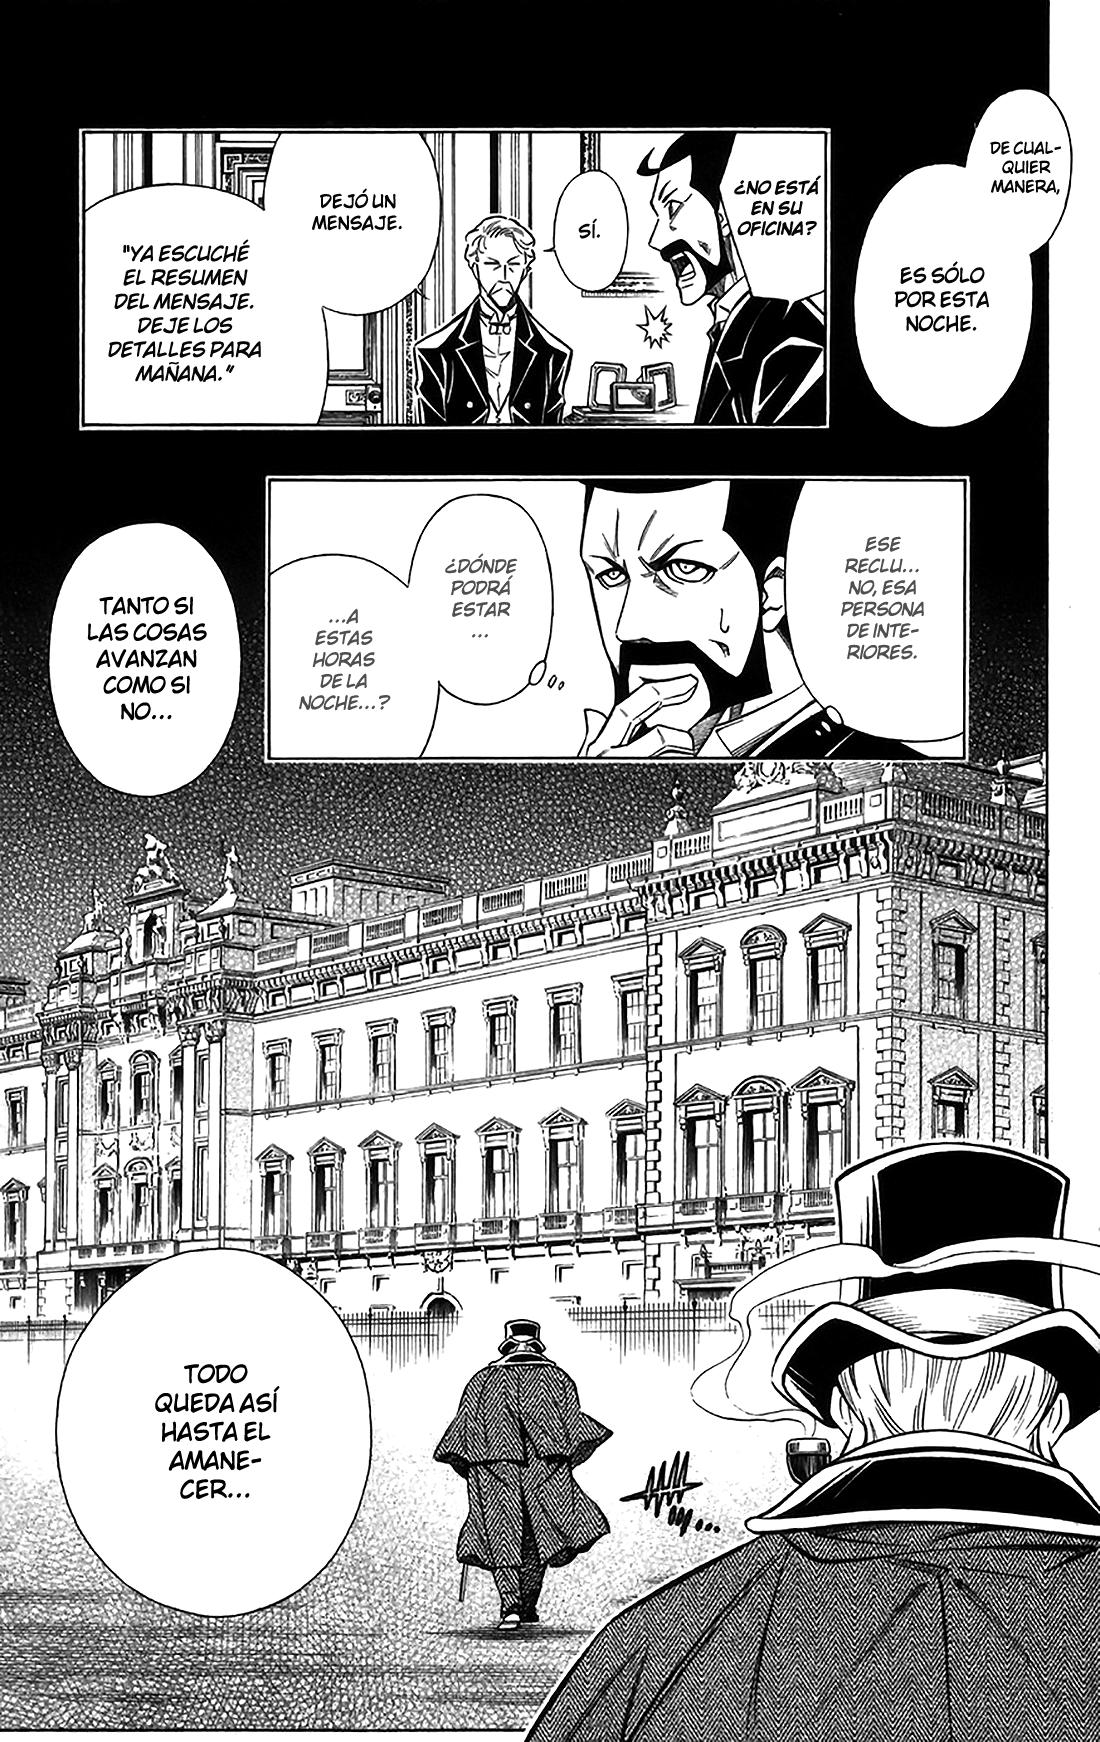 http://c5.ninemanga.com/es_manga/45/18797/447912/3807792cf6aea4db1a53f30e527b1b39.jpg Page 7